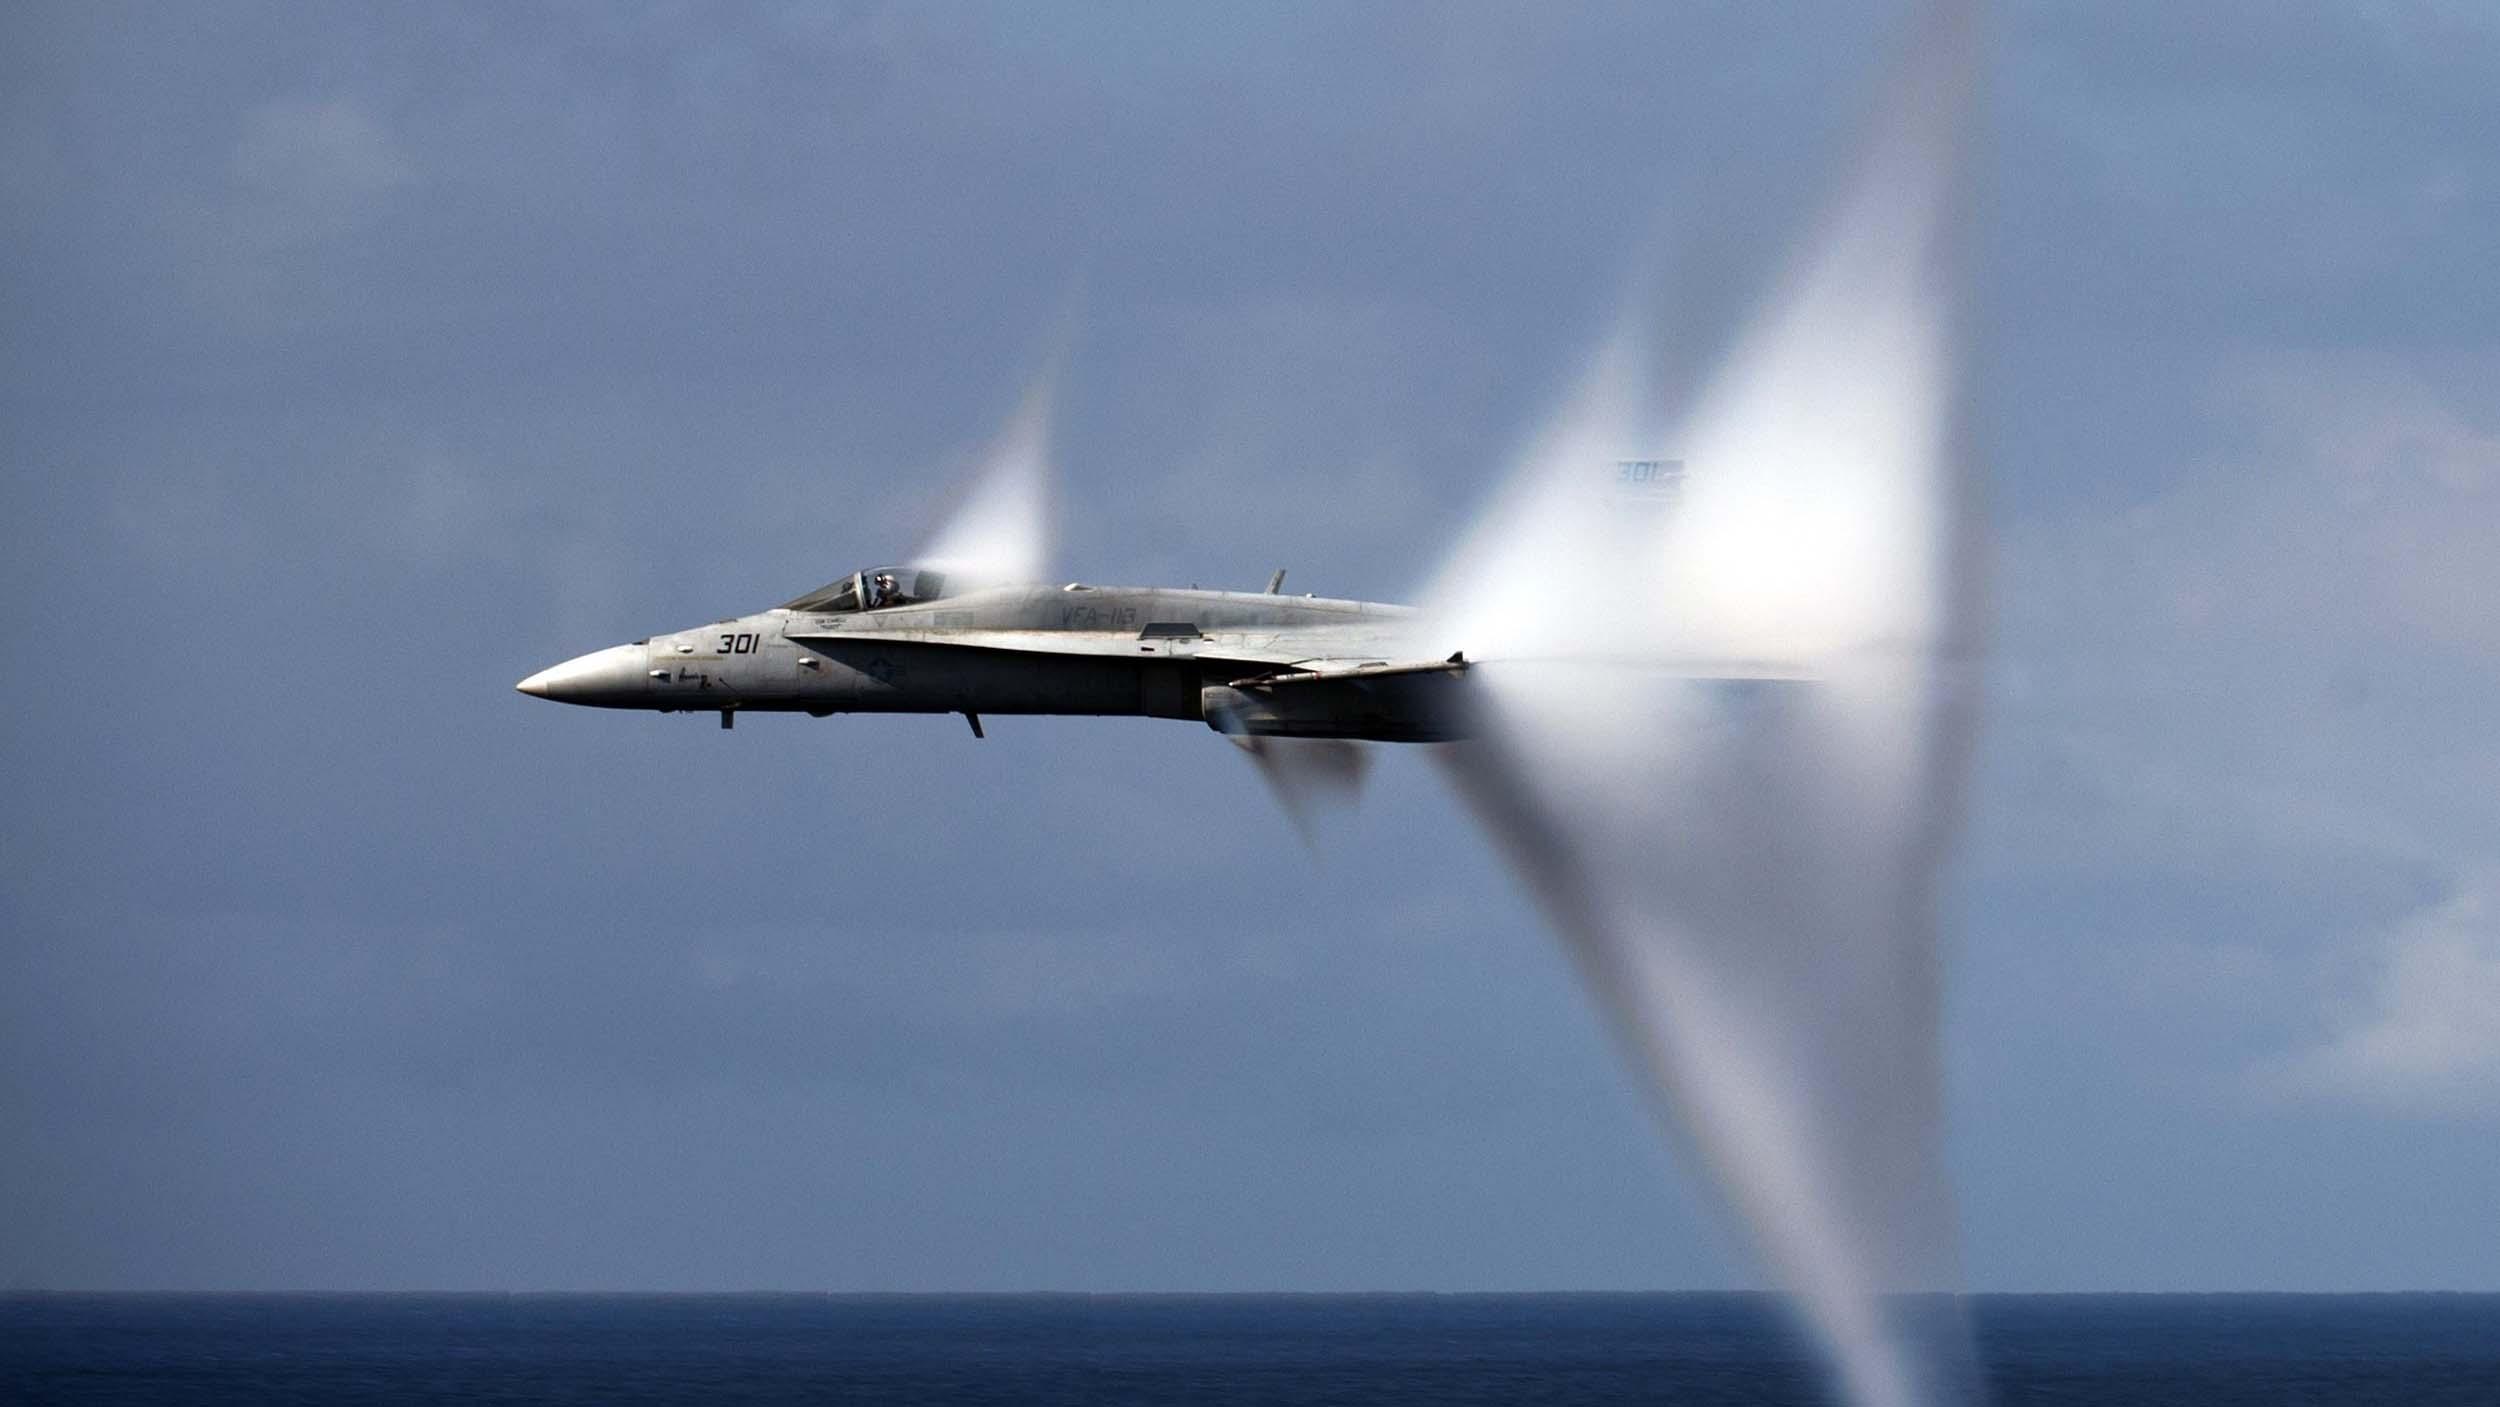 Los planos son resultado del programa X-Plane y esperan haga crecer la demanda de los transportes aéreos de alta velocidad